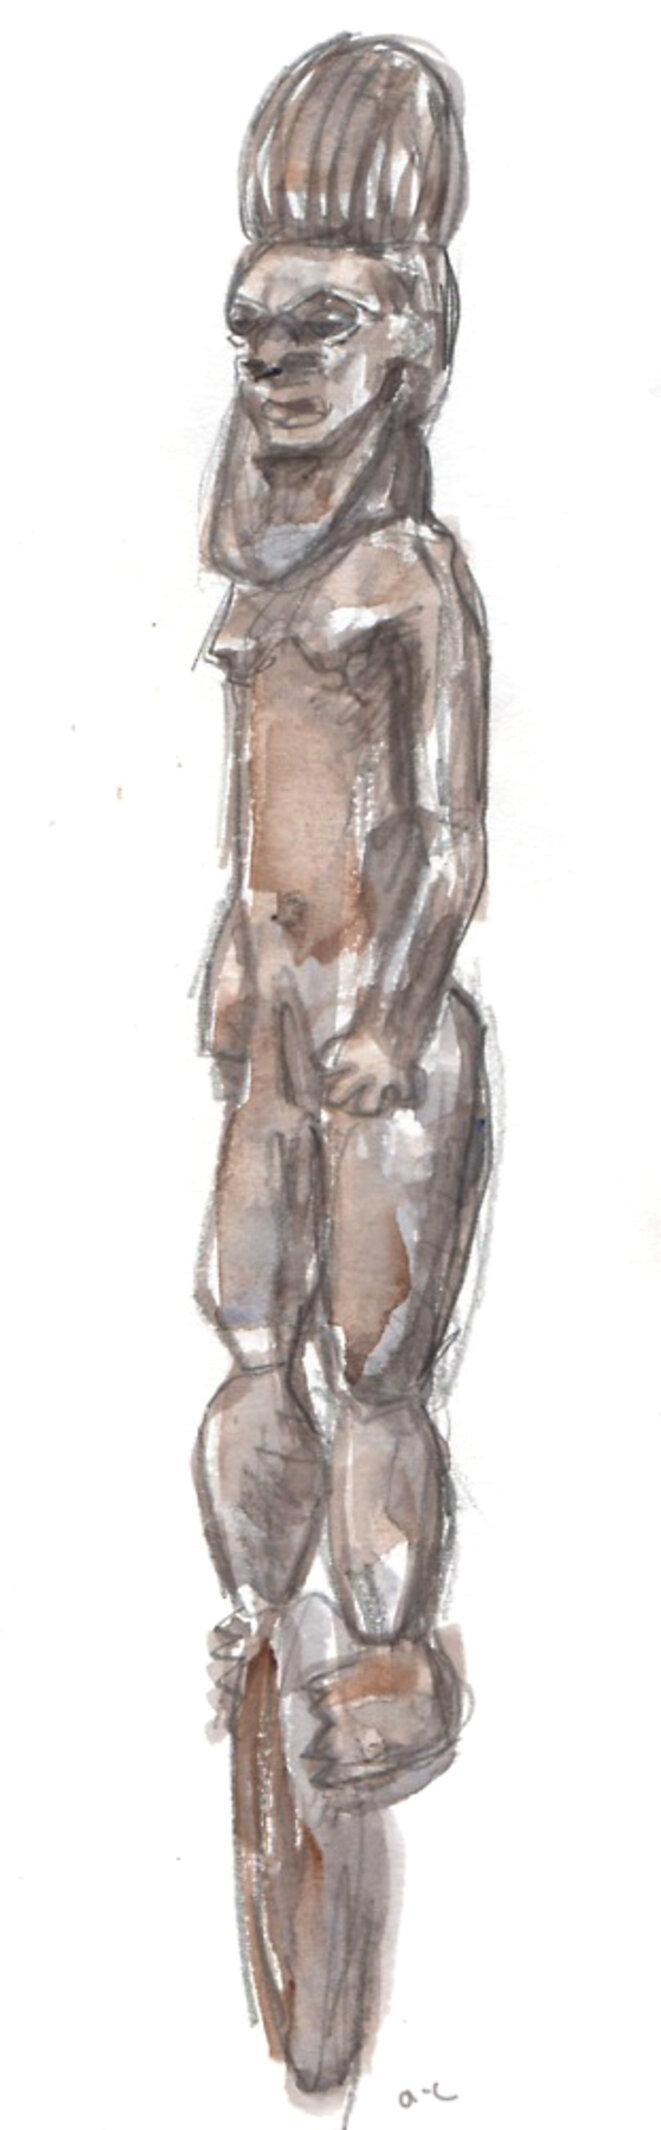 poteau-defaitage-kanak-xix-acalvoet2017